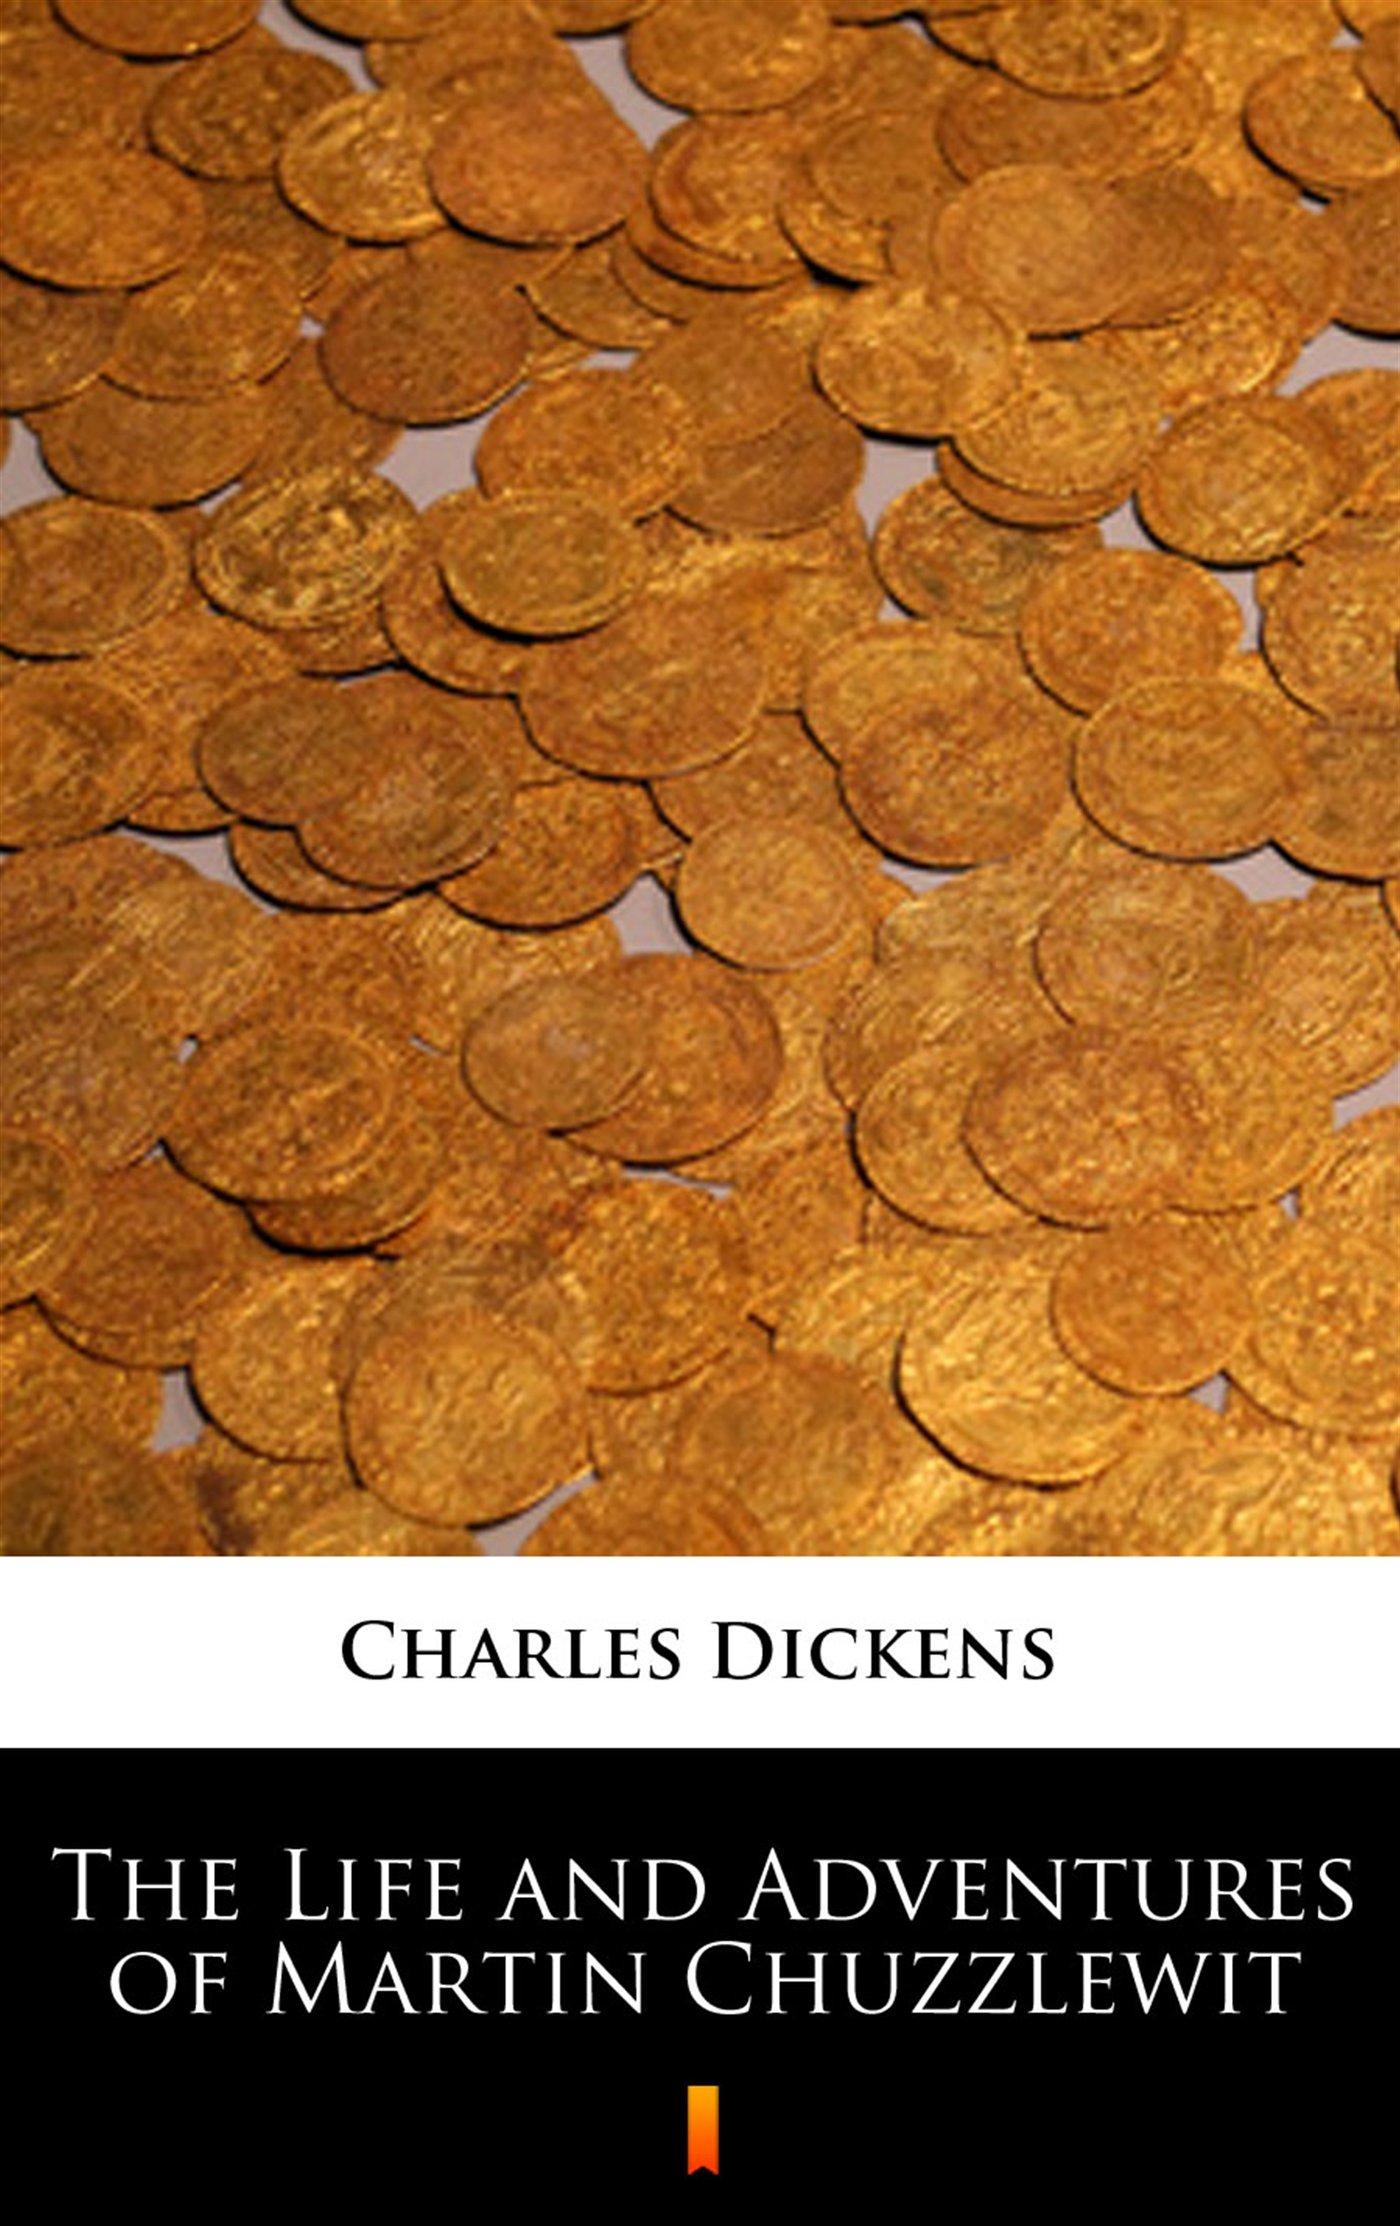 The Life and Adventures of Martin Chuzzlewit - Ebook (Książka na Kindle) do pobrania w formacie MOBI